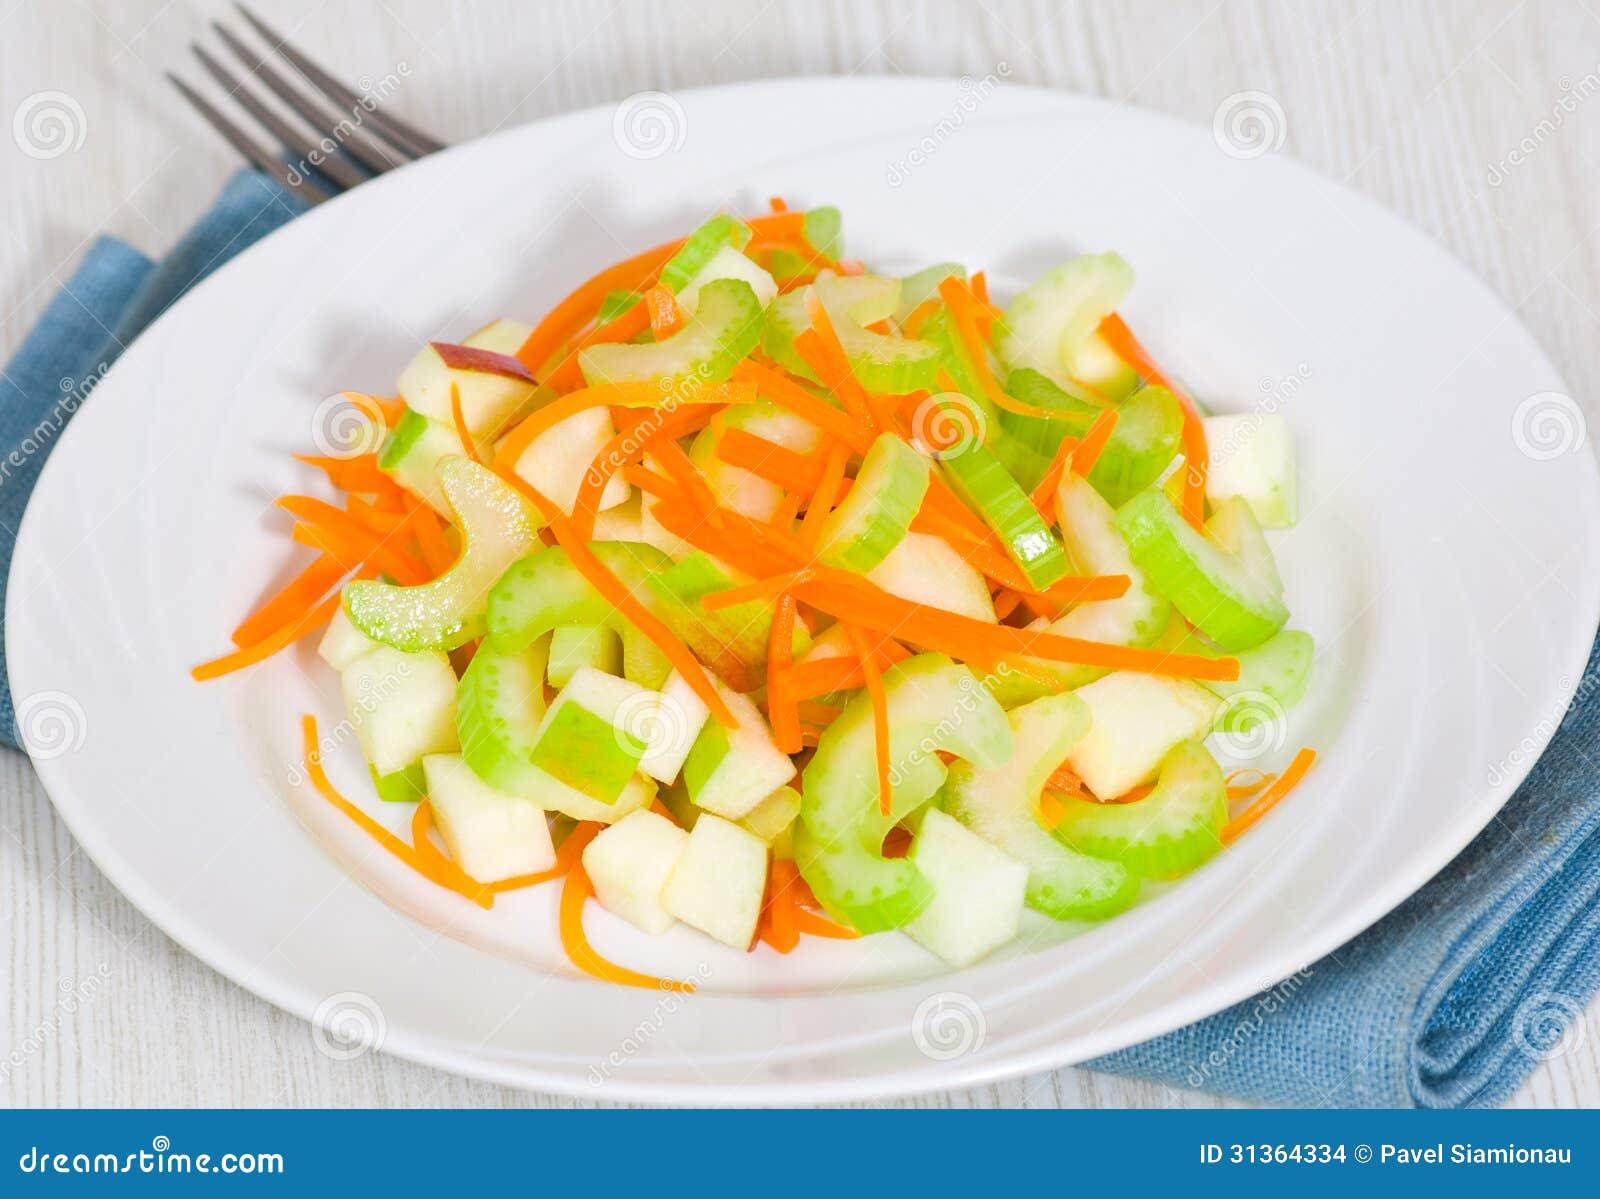 Ensalada con apio zanahorias y manzanas imagenes de - Ensalada de apio y zanahoria ...